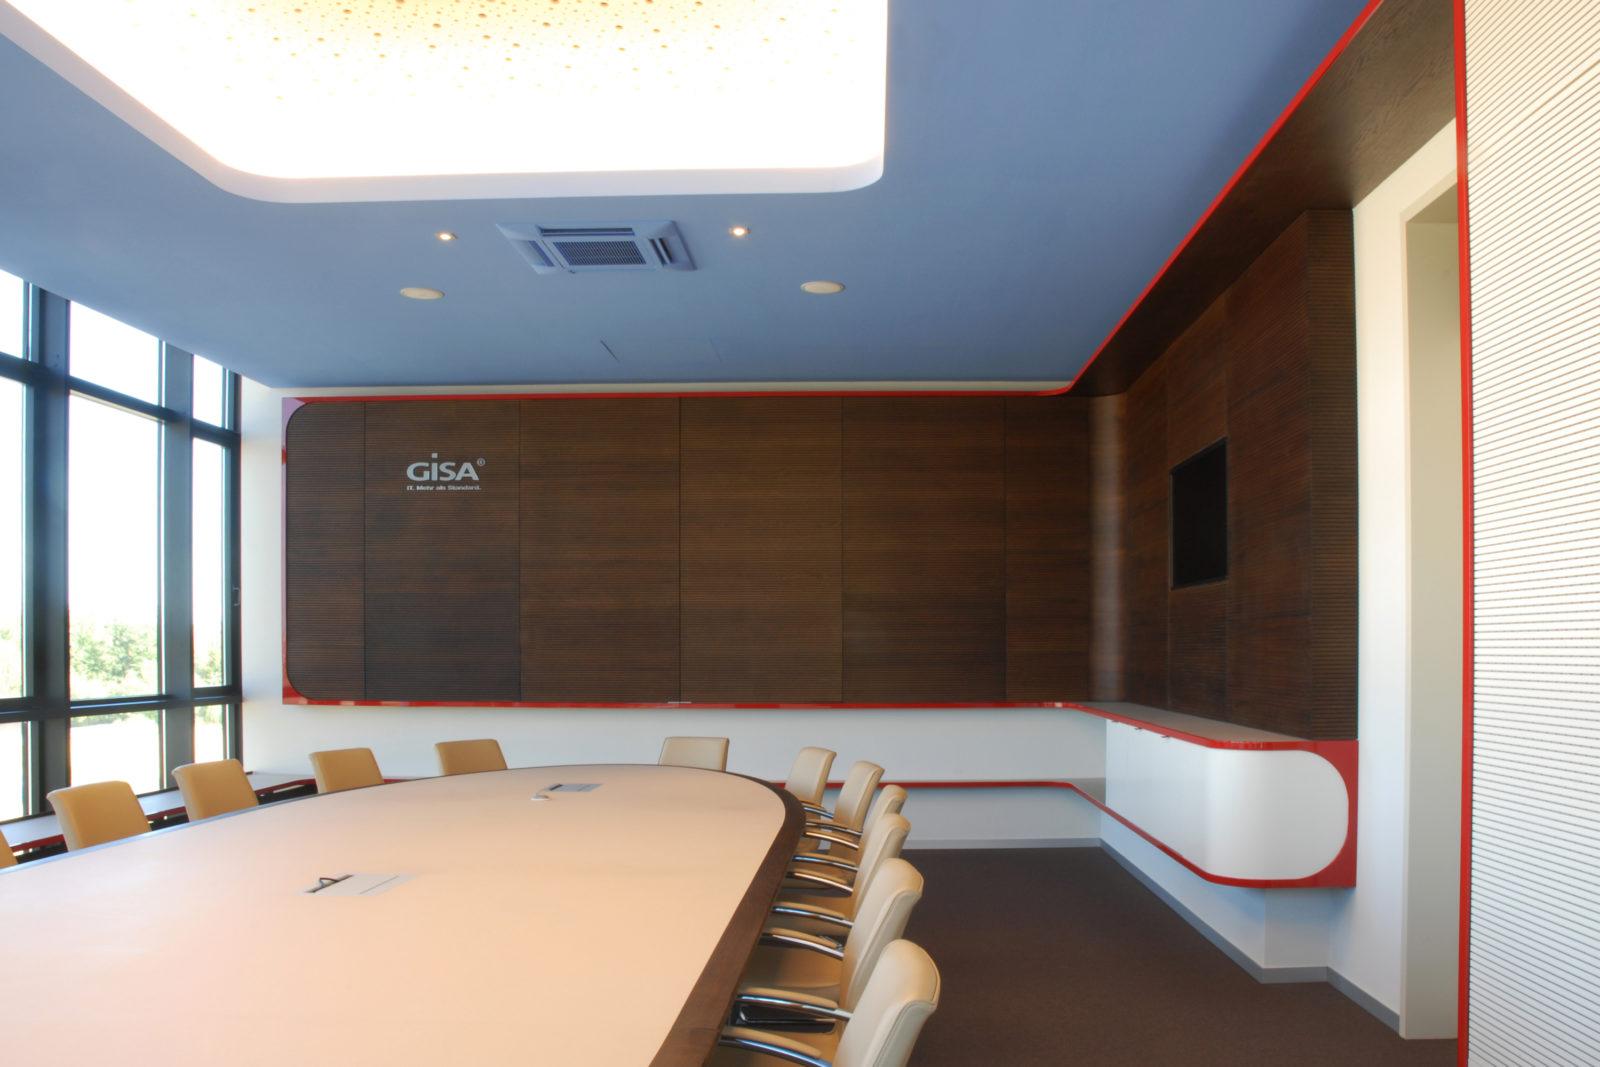 Neugestaltung Geschäftsräume GiSA GmbH in Halle - Konferenzraum